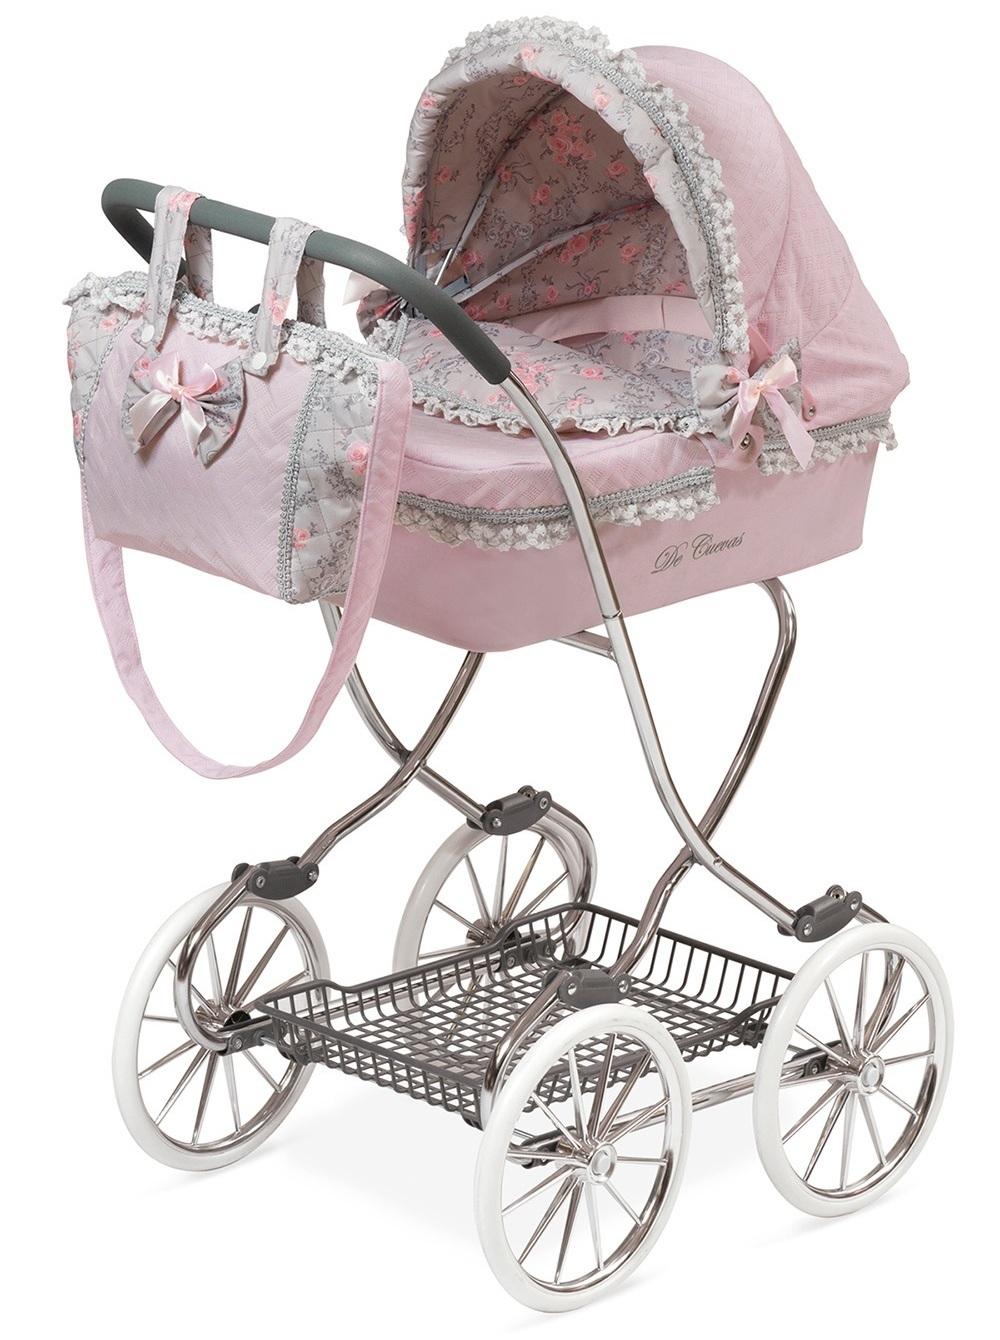 Коляска с сумкой и зонтиком серии Романтик, розовая, 90 см.Дизайнерские коляски для кукол Munecas Antonio Juan. Изысканная отделка, нарядные детали (банты, рюши, кружева, помпоны), прорезиненные колеса, металлический каркас.<br>